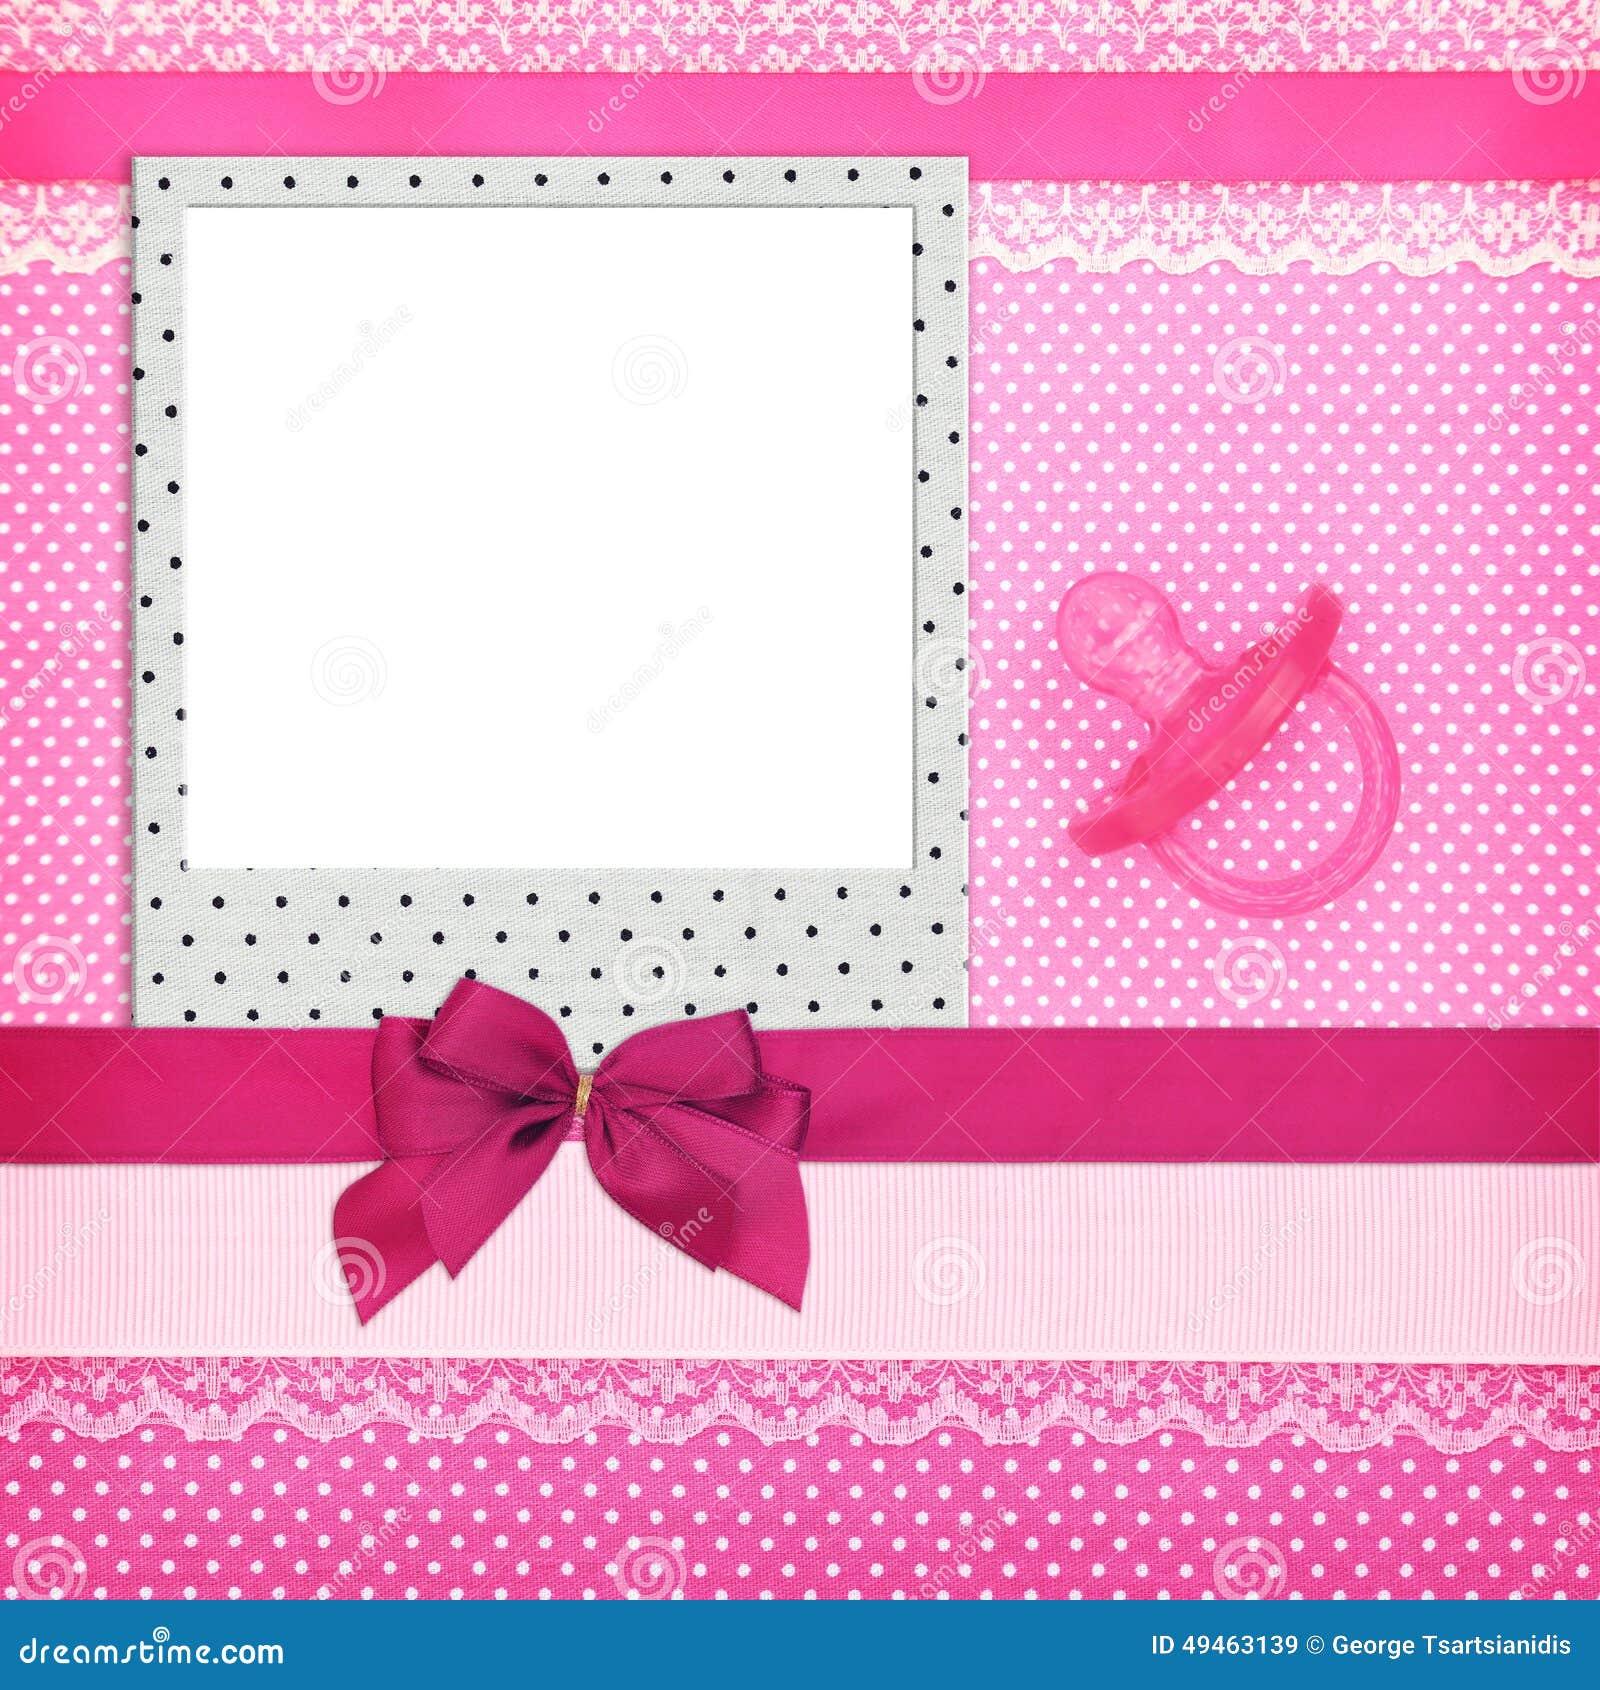 Fotoram och rosa färgfredsmäklare